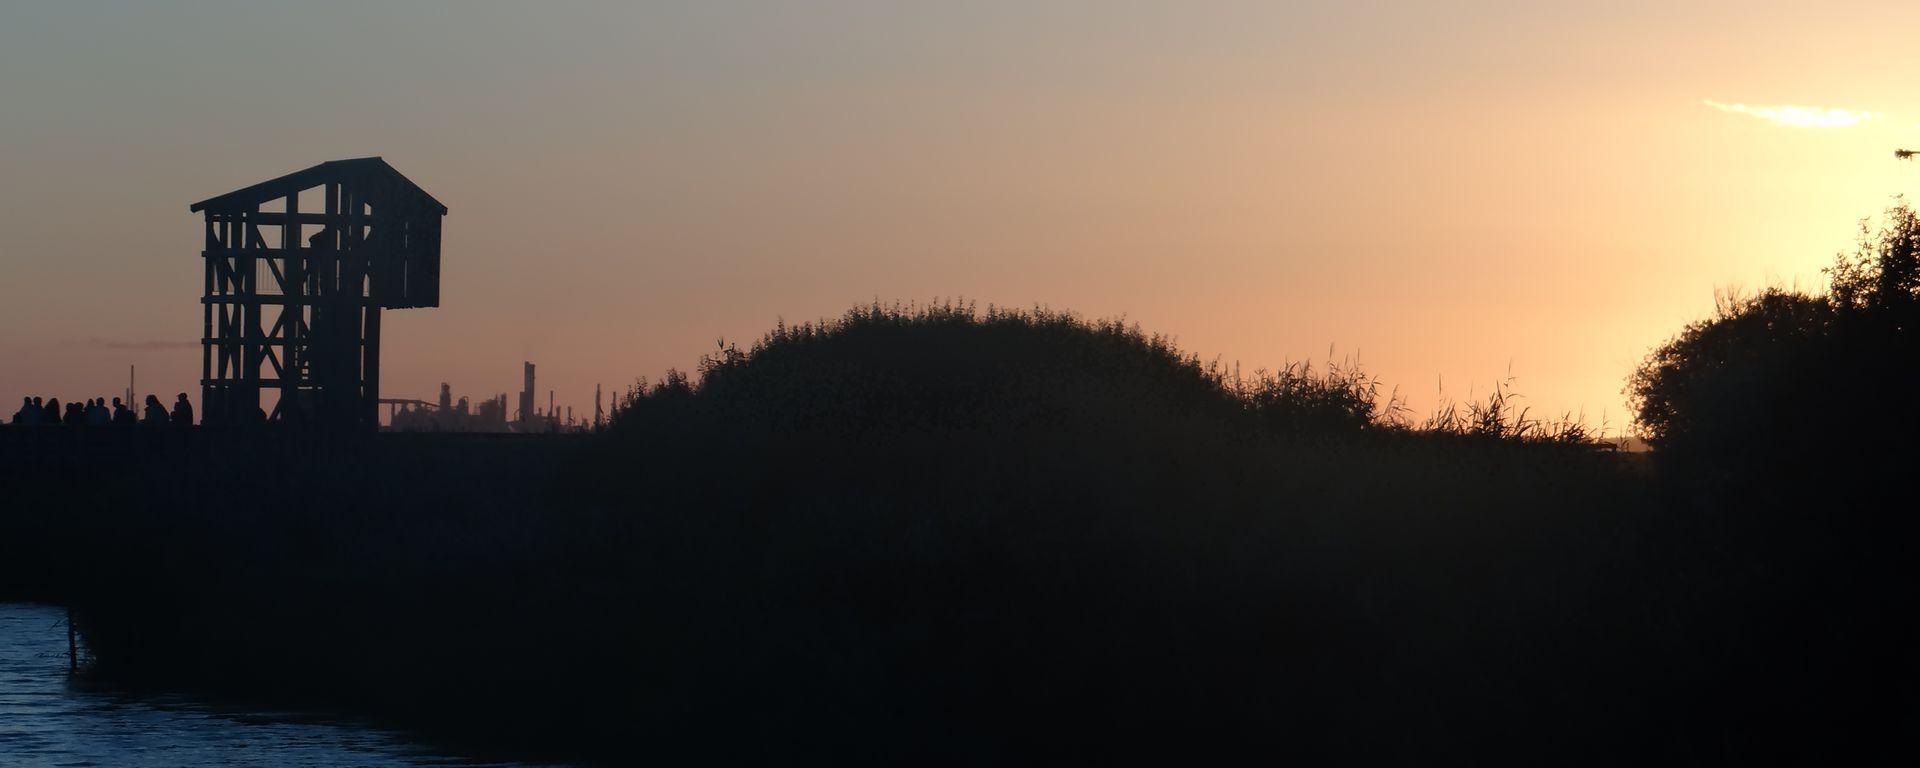 Soleil couchant à kawamata © Loire & Sillon Tourisme